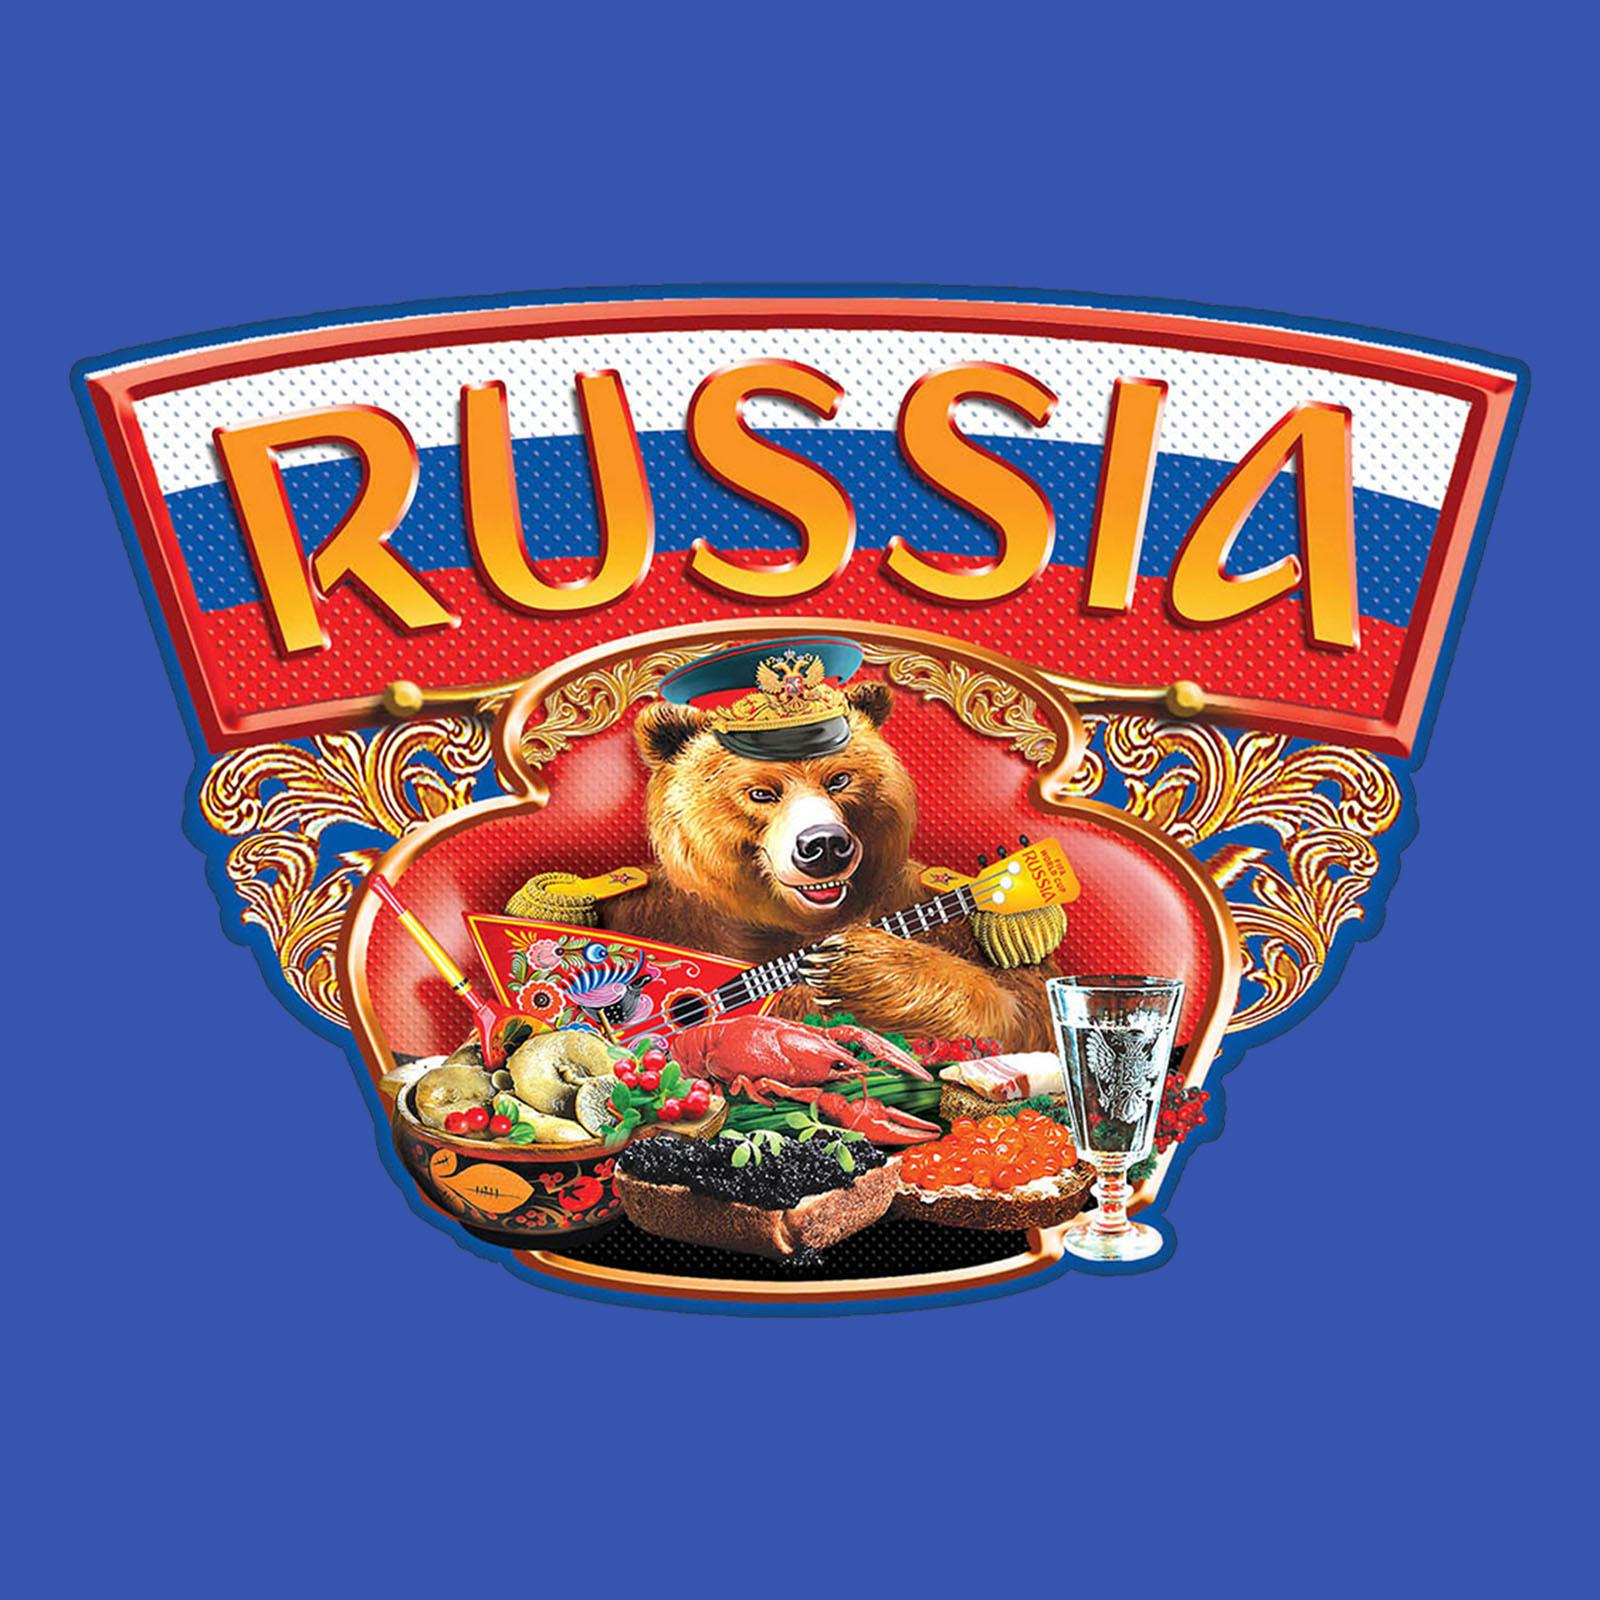 Купить зачетную синюю бейсболку с термотрансфером Russia по оптовой цене